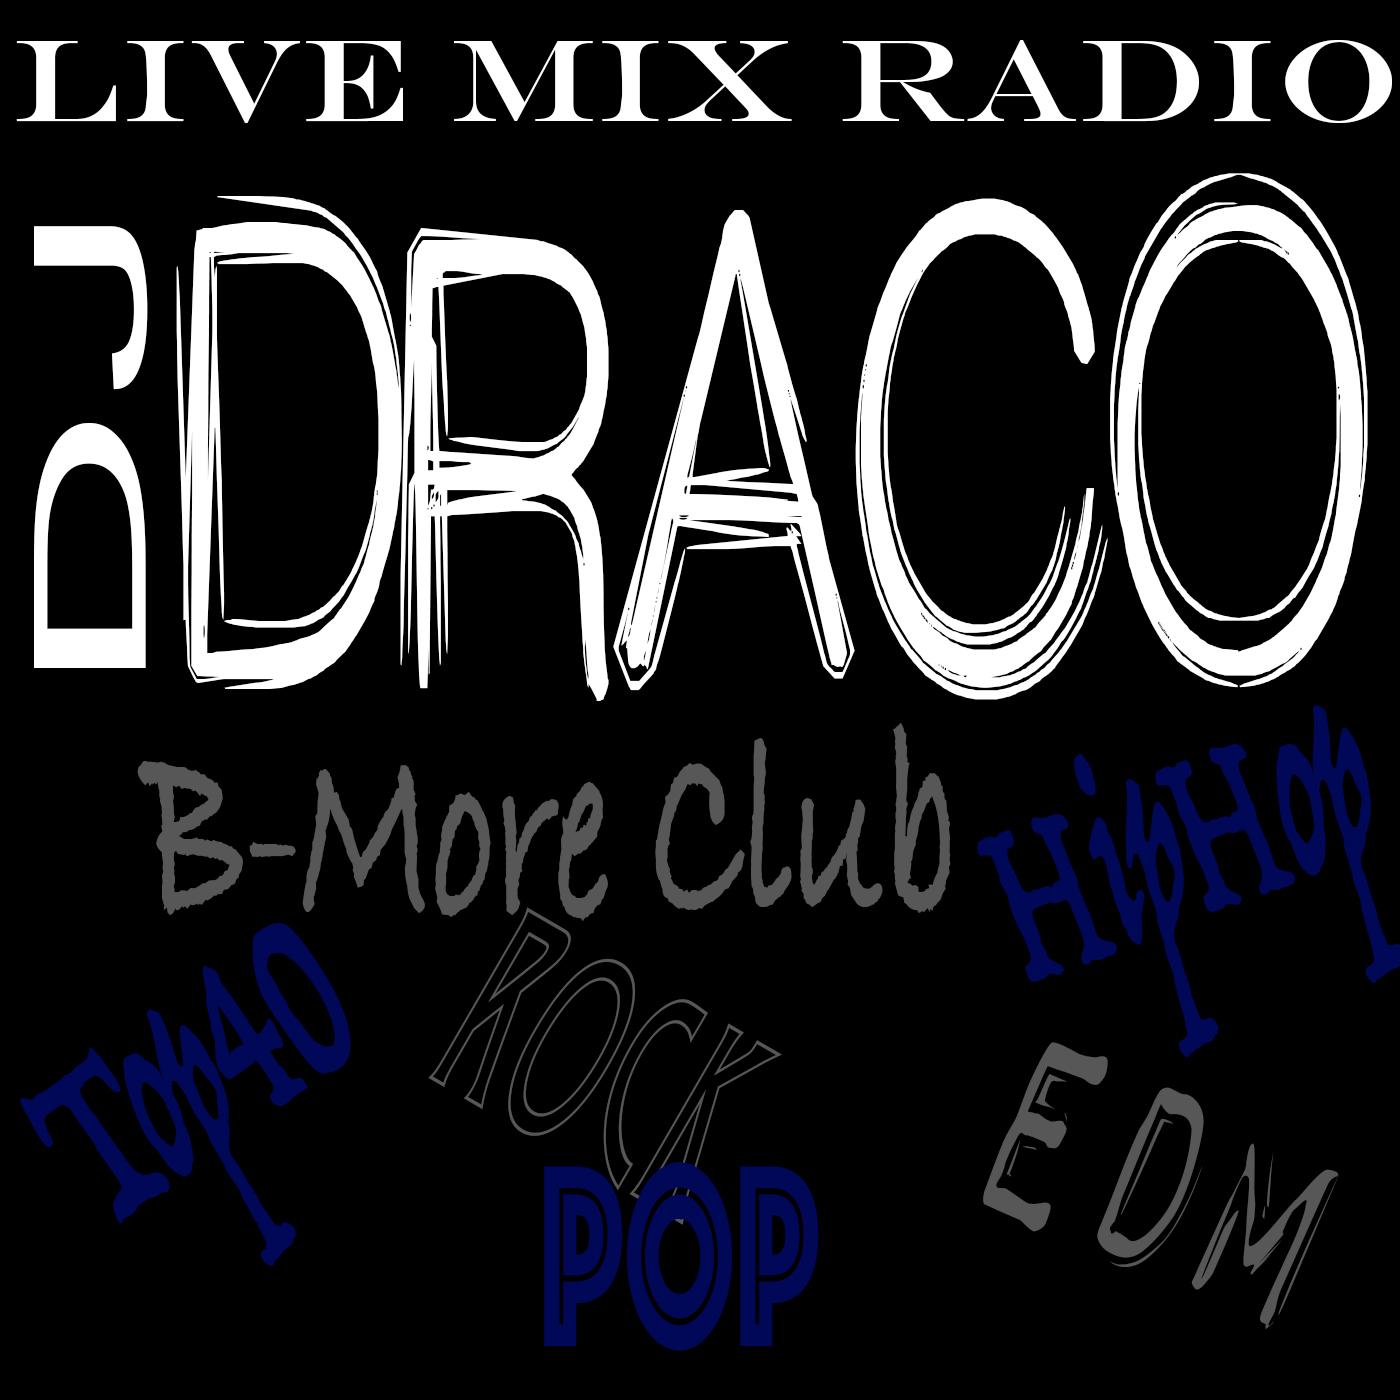 DJ Draco's Mixtapes